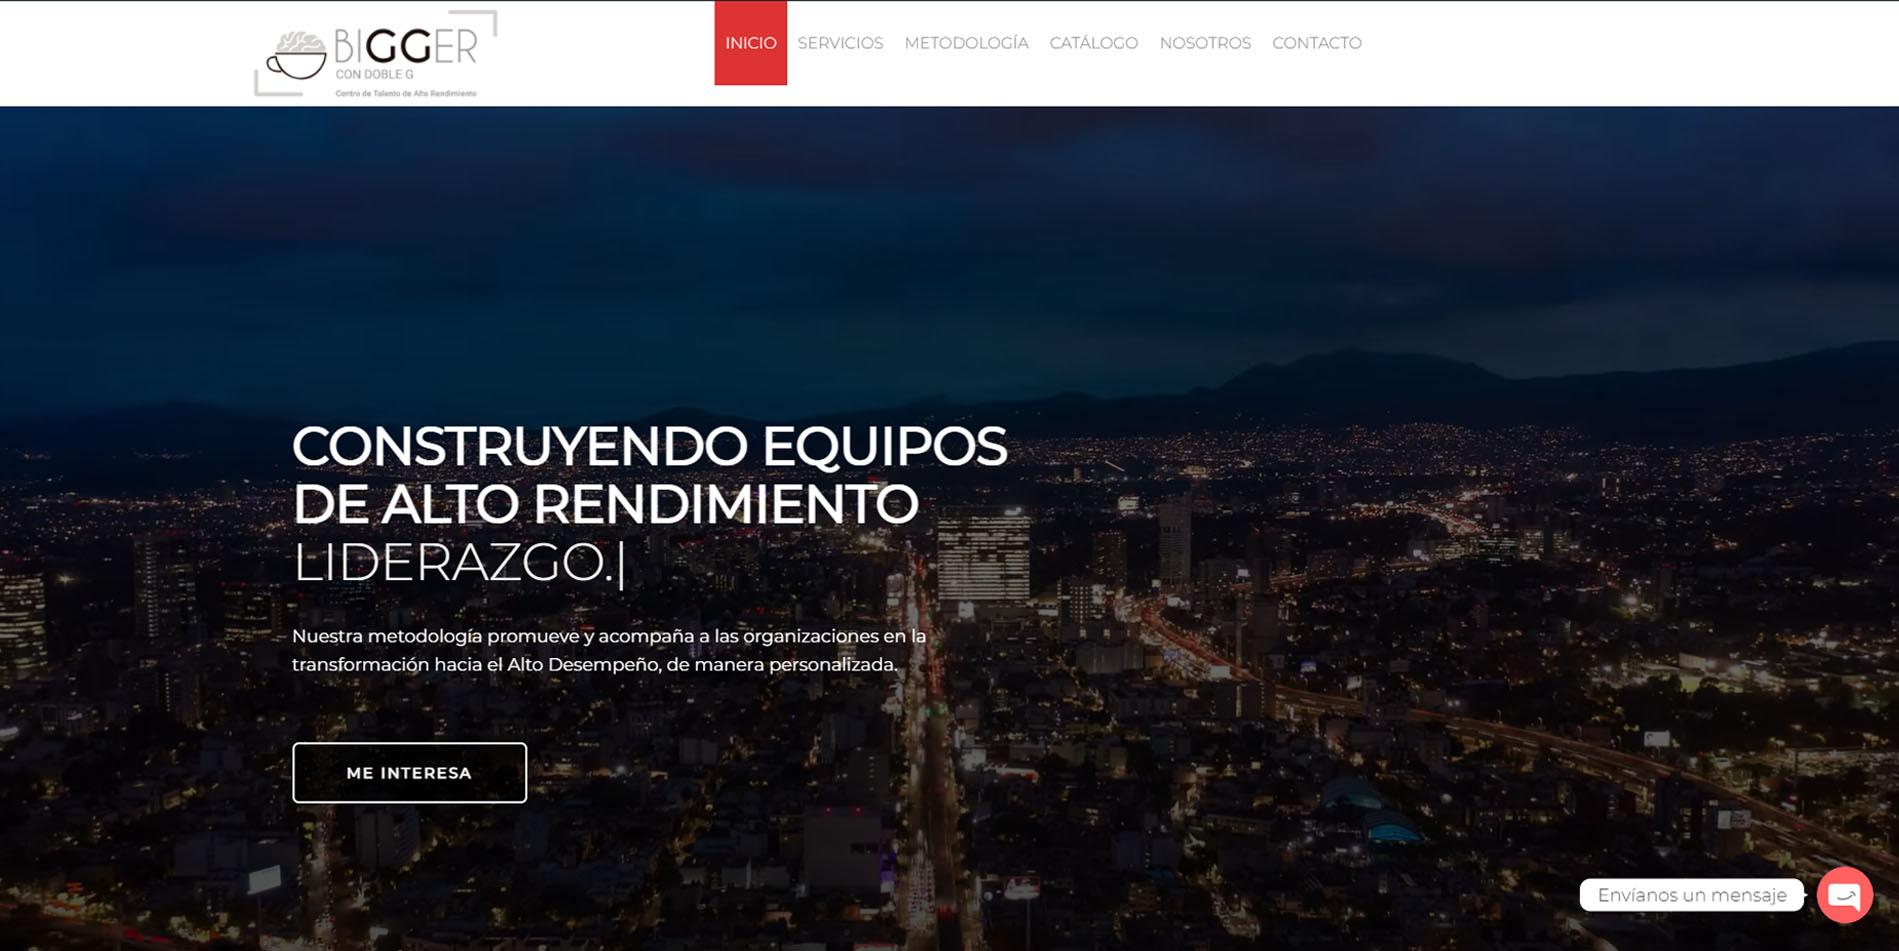 Páginas web en Monterrey, N.L. 2021